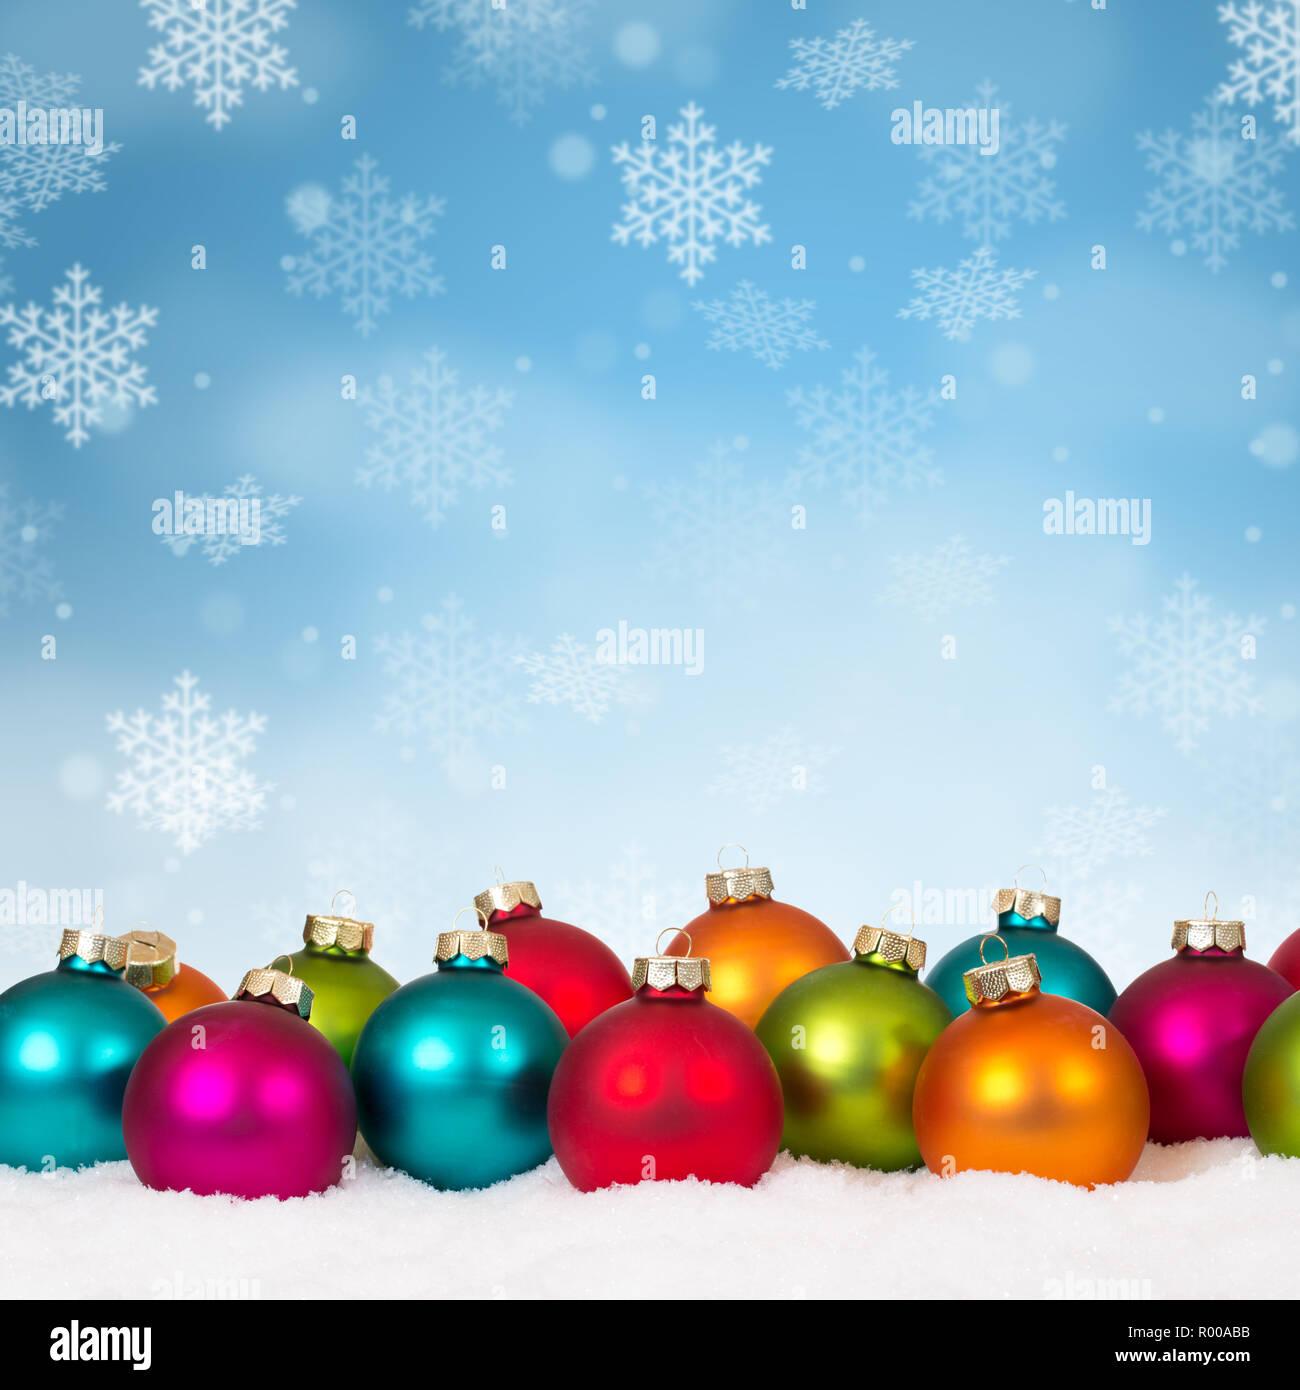 Christbaumkugeln Kariert.Vielen Bunten Weihnachtskugeln Christbaumkugeln Hintergrund